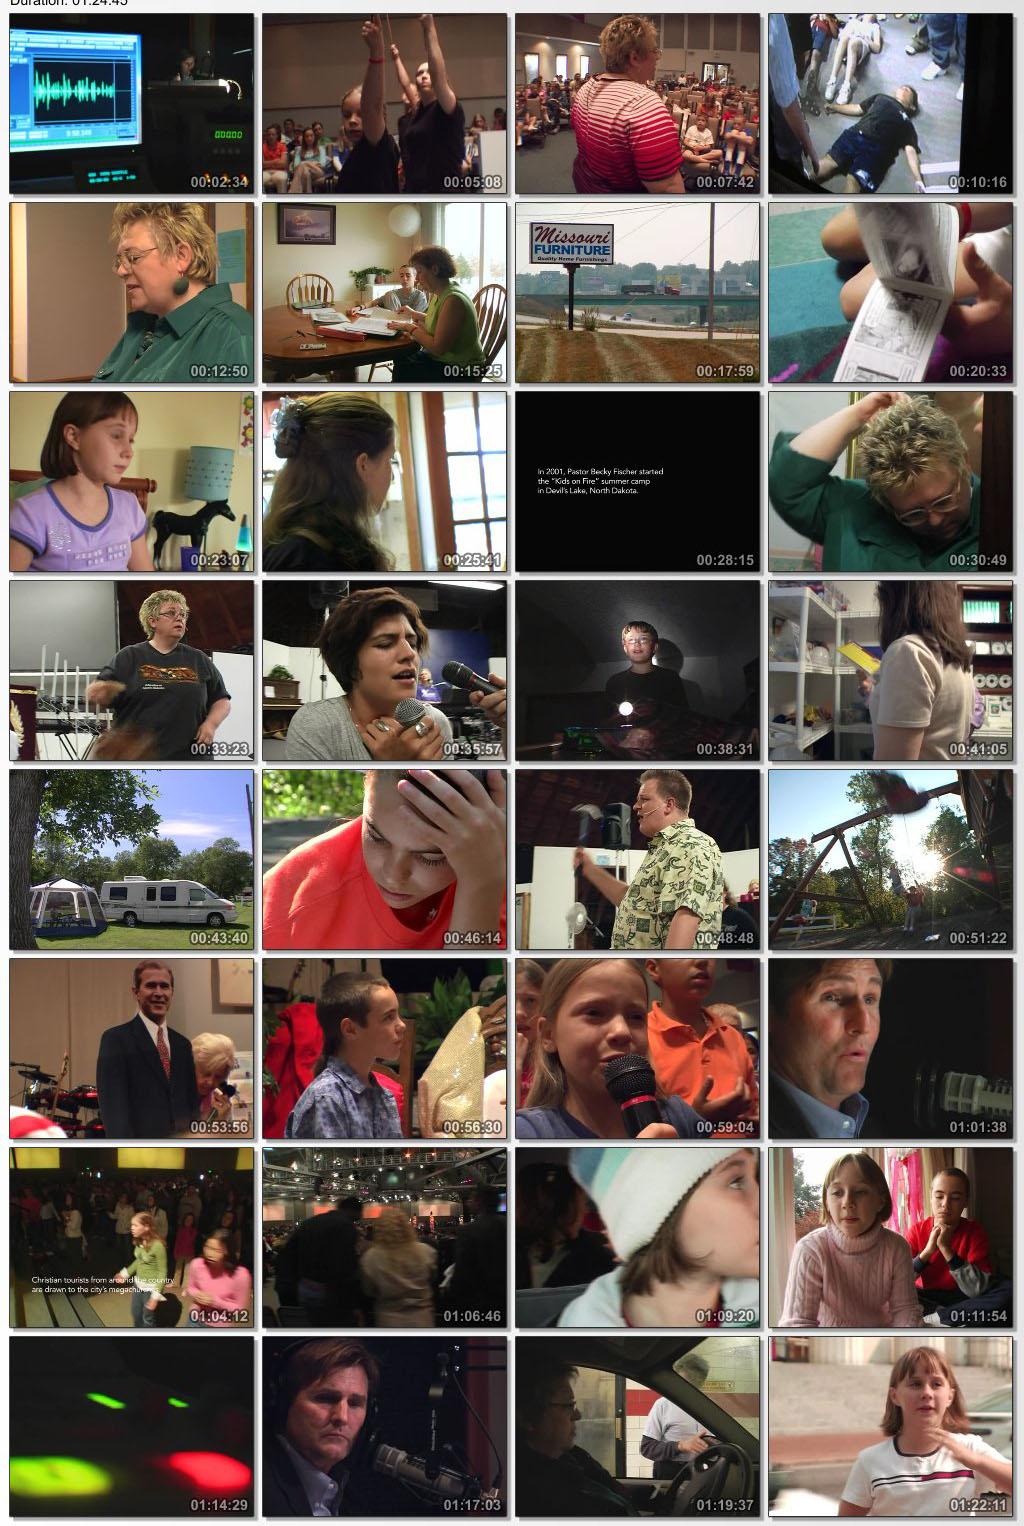 دانلود فیلم مستند Jesus Camp 2006